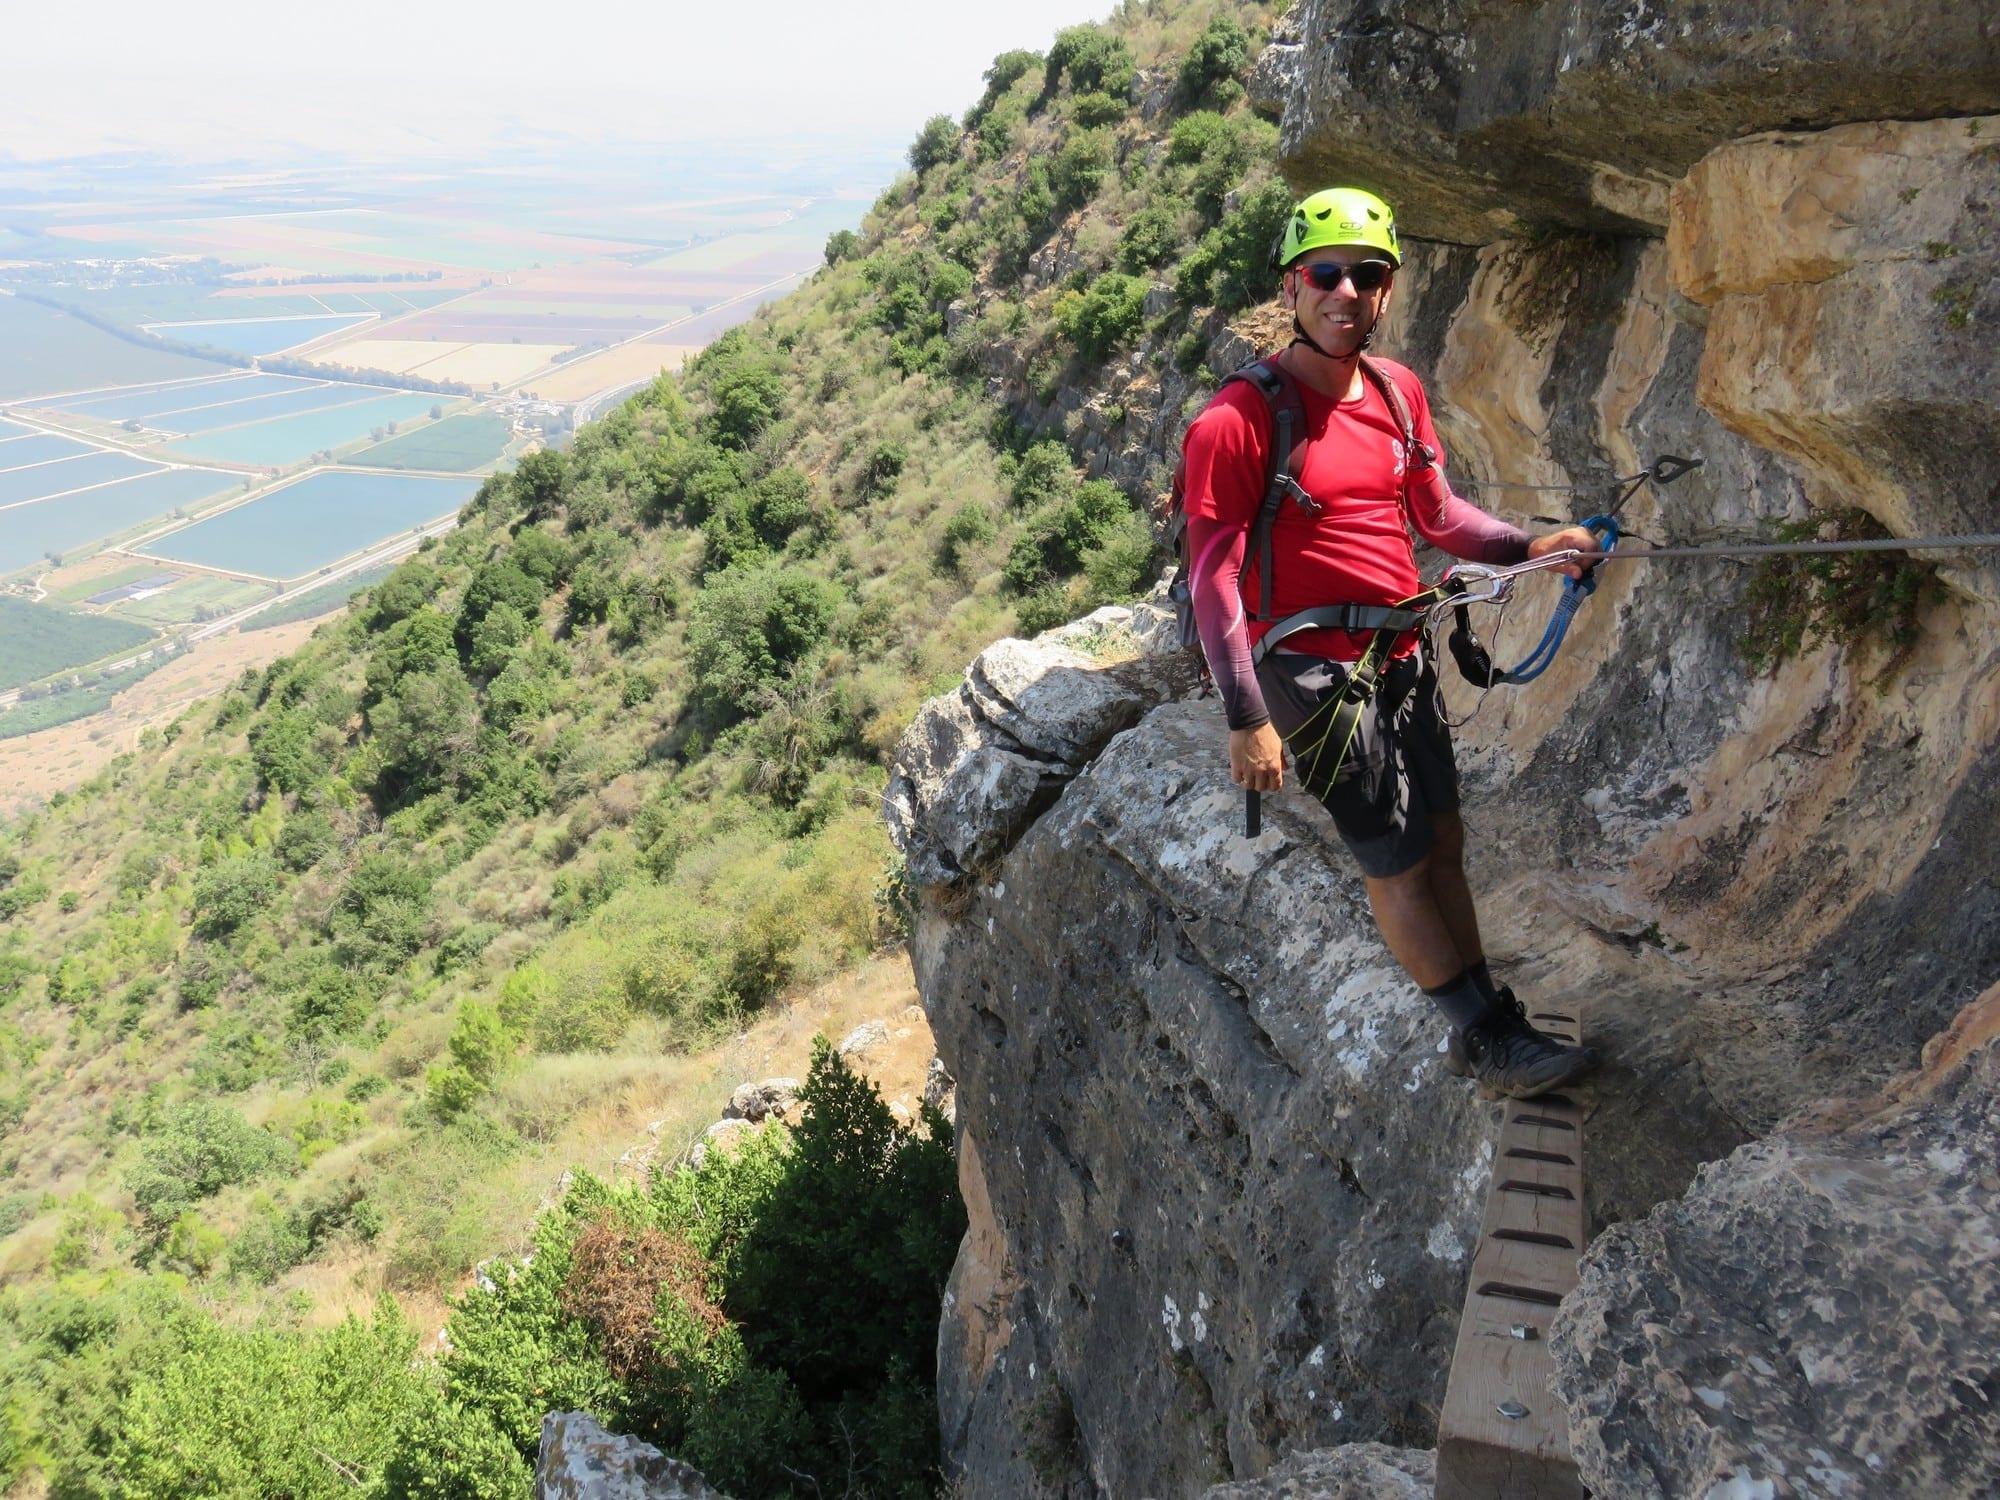 ויה פראטה ישראל - מסלול אתגרי - ערוצים בטבע